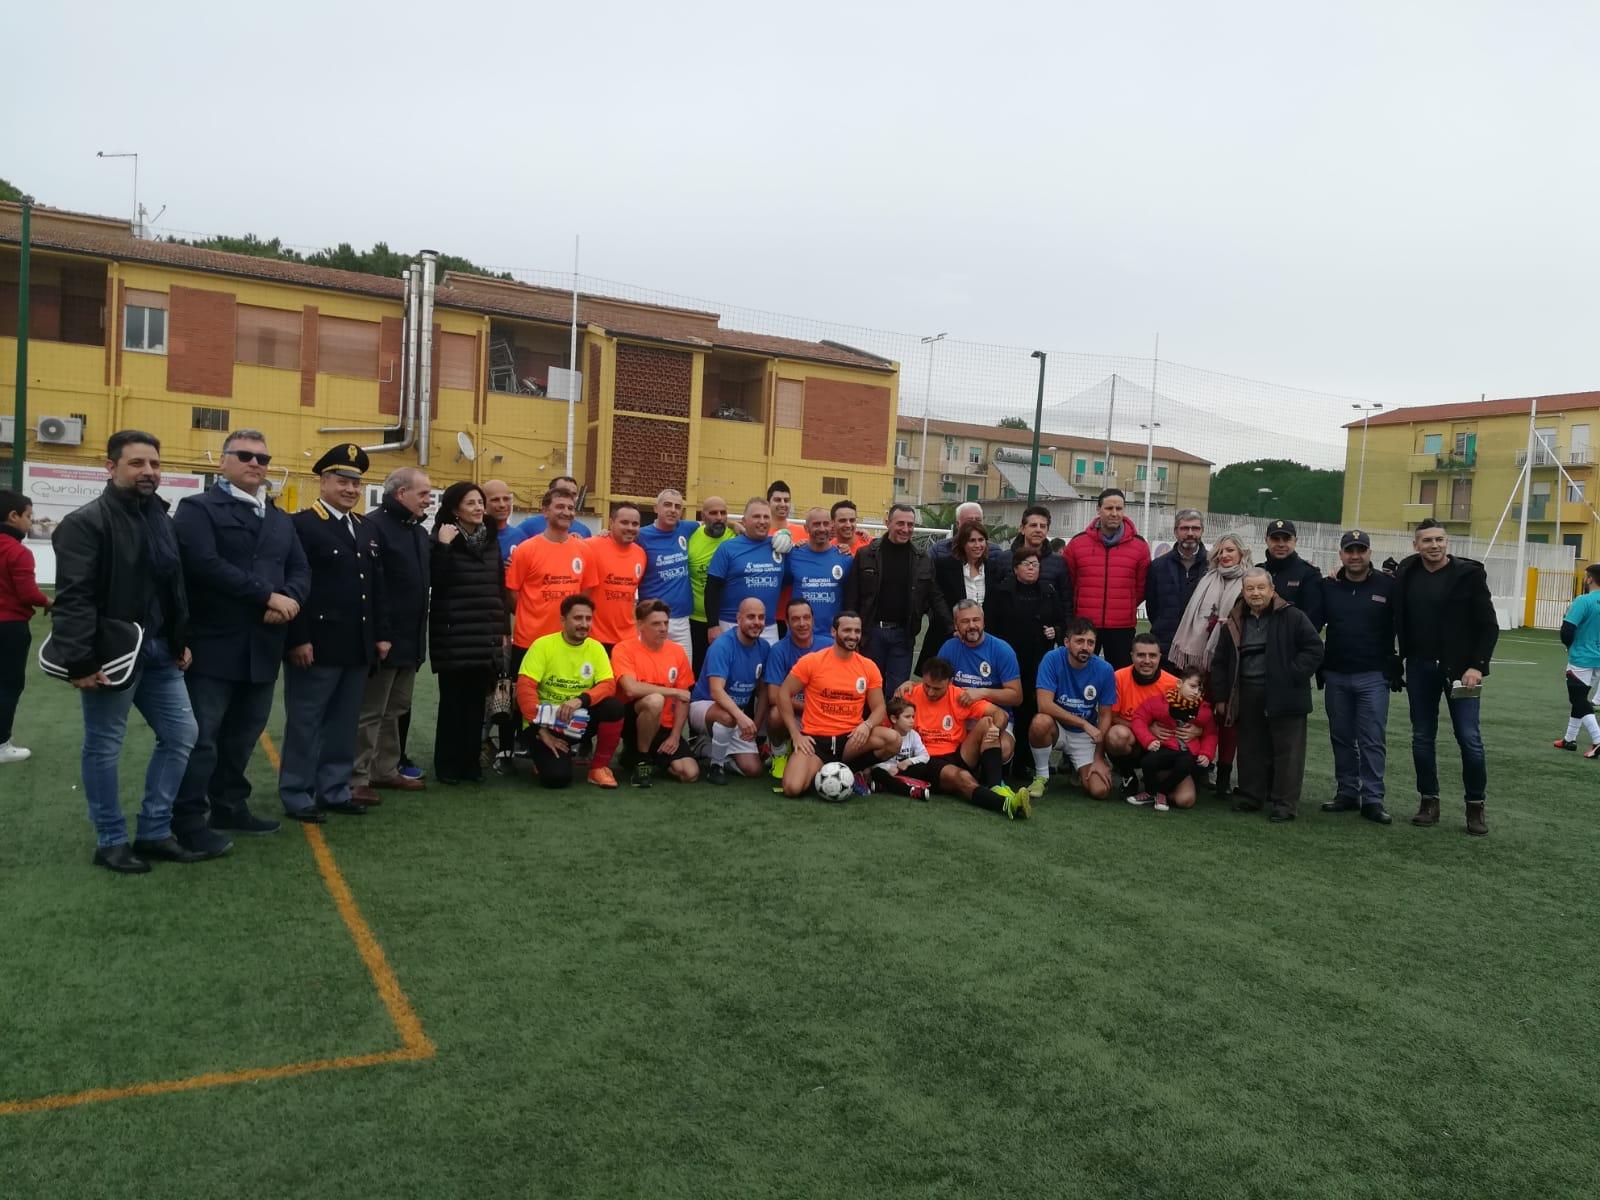 Quarto Memorial dedicato al poliziotto Alfonso Capraro, il torneo di calcio interforze è stato vinto dai carabinieri